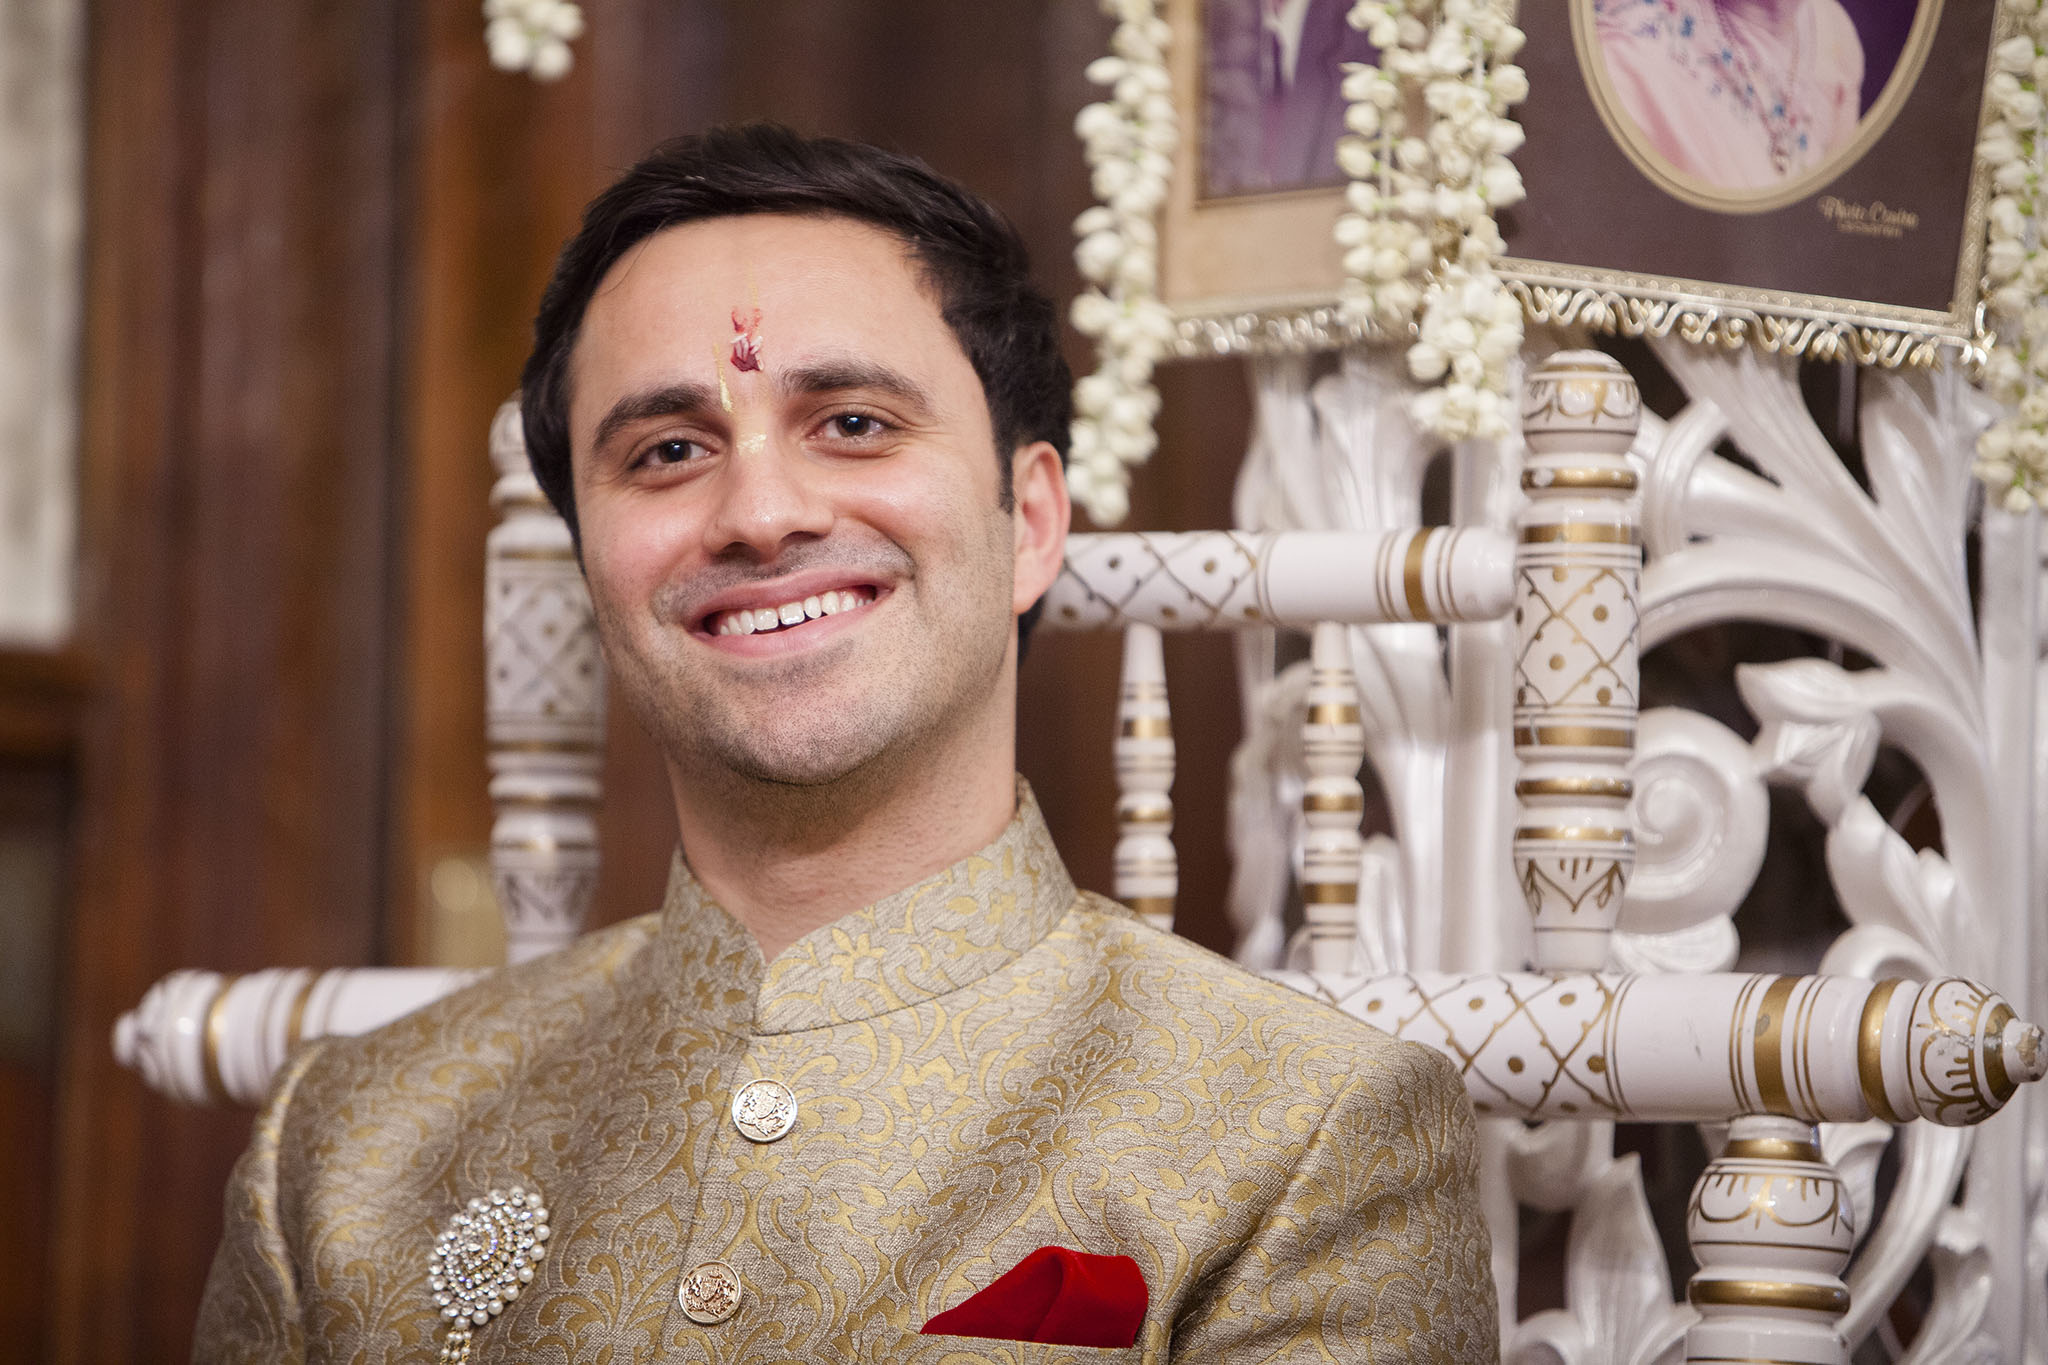 elizabethgphotography_kingslangley_hertfordshire_fineart_indian_wedding_photography_bhavesh_kundalata_bhaktivedanta_manor_watford_jpg30.jpg